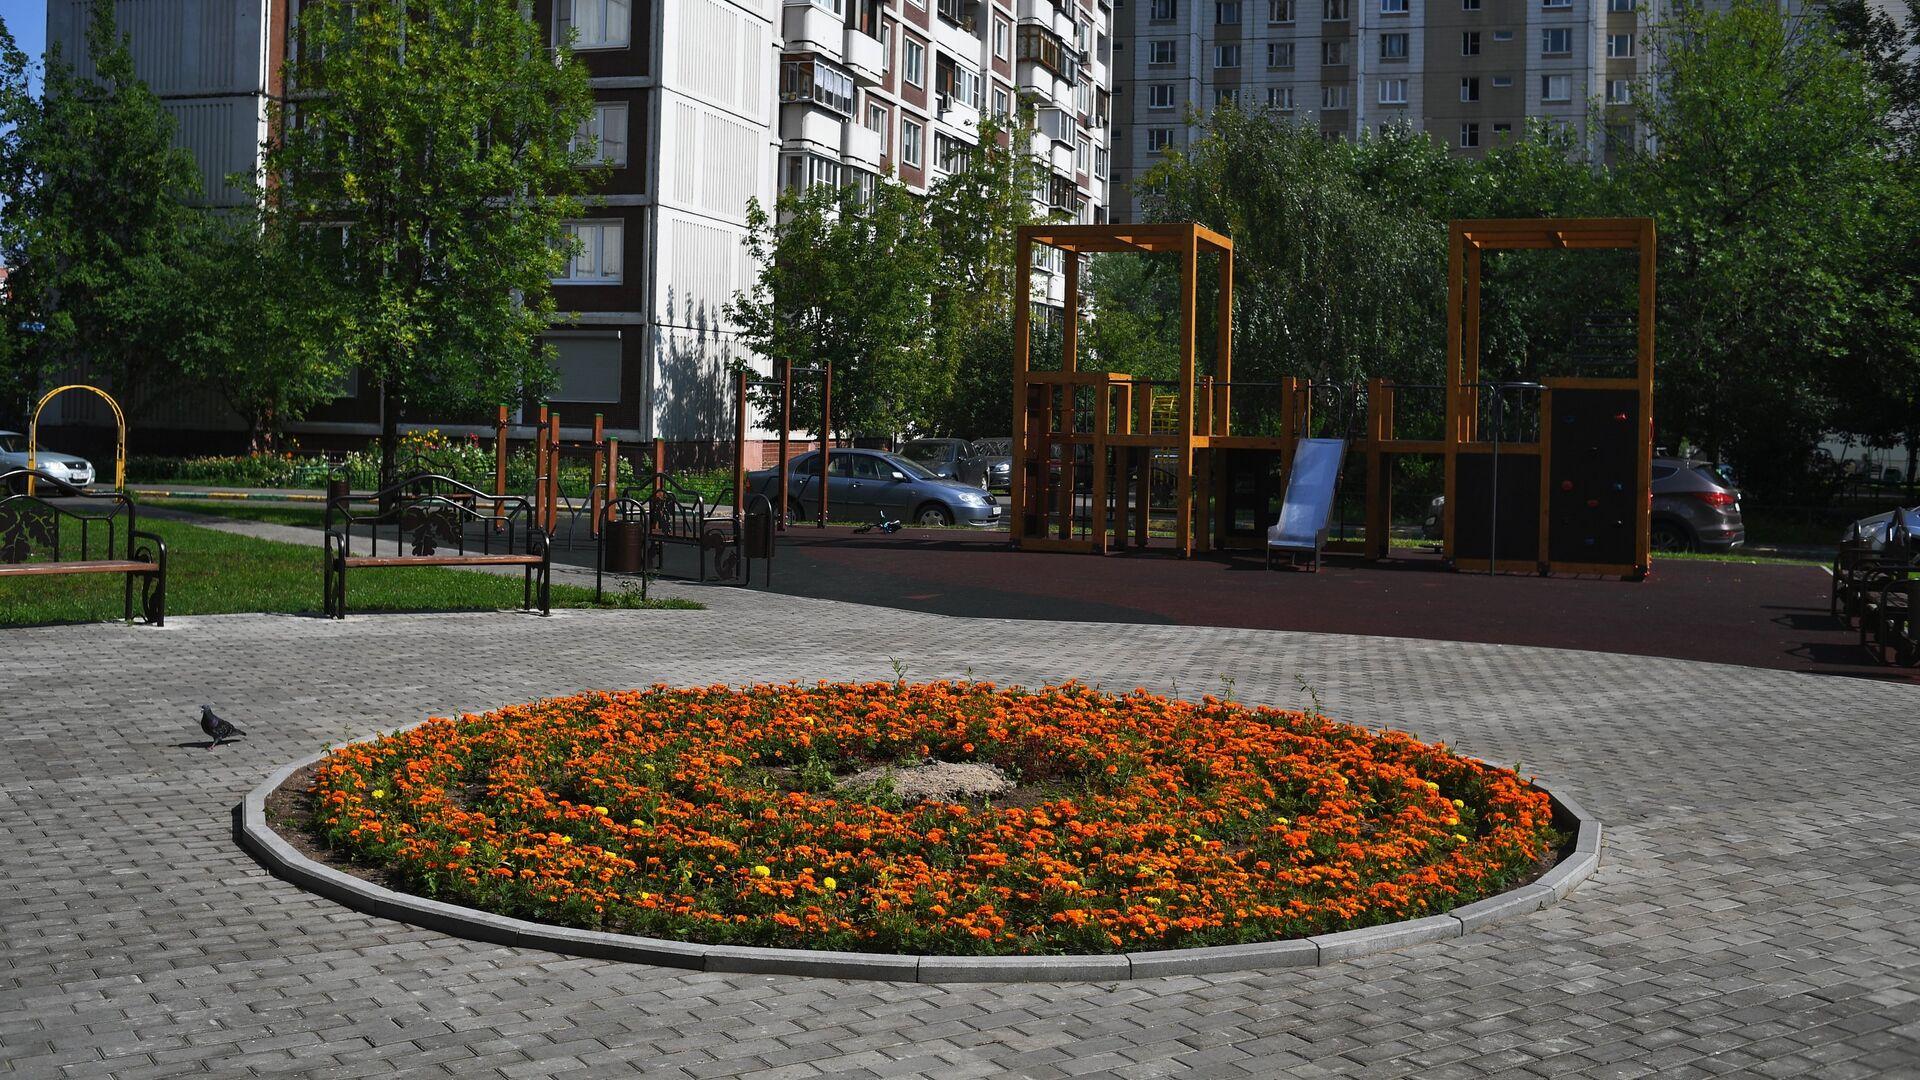 Детская игровая площадка и цветочная клумба во дворе дома в Москве - РИА Новости, 1920, 13.04.2021